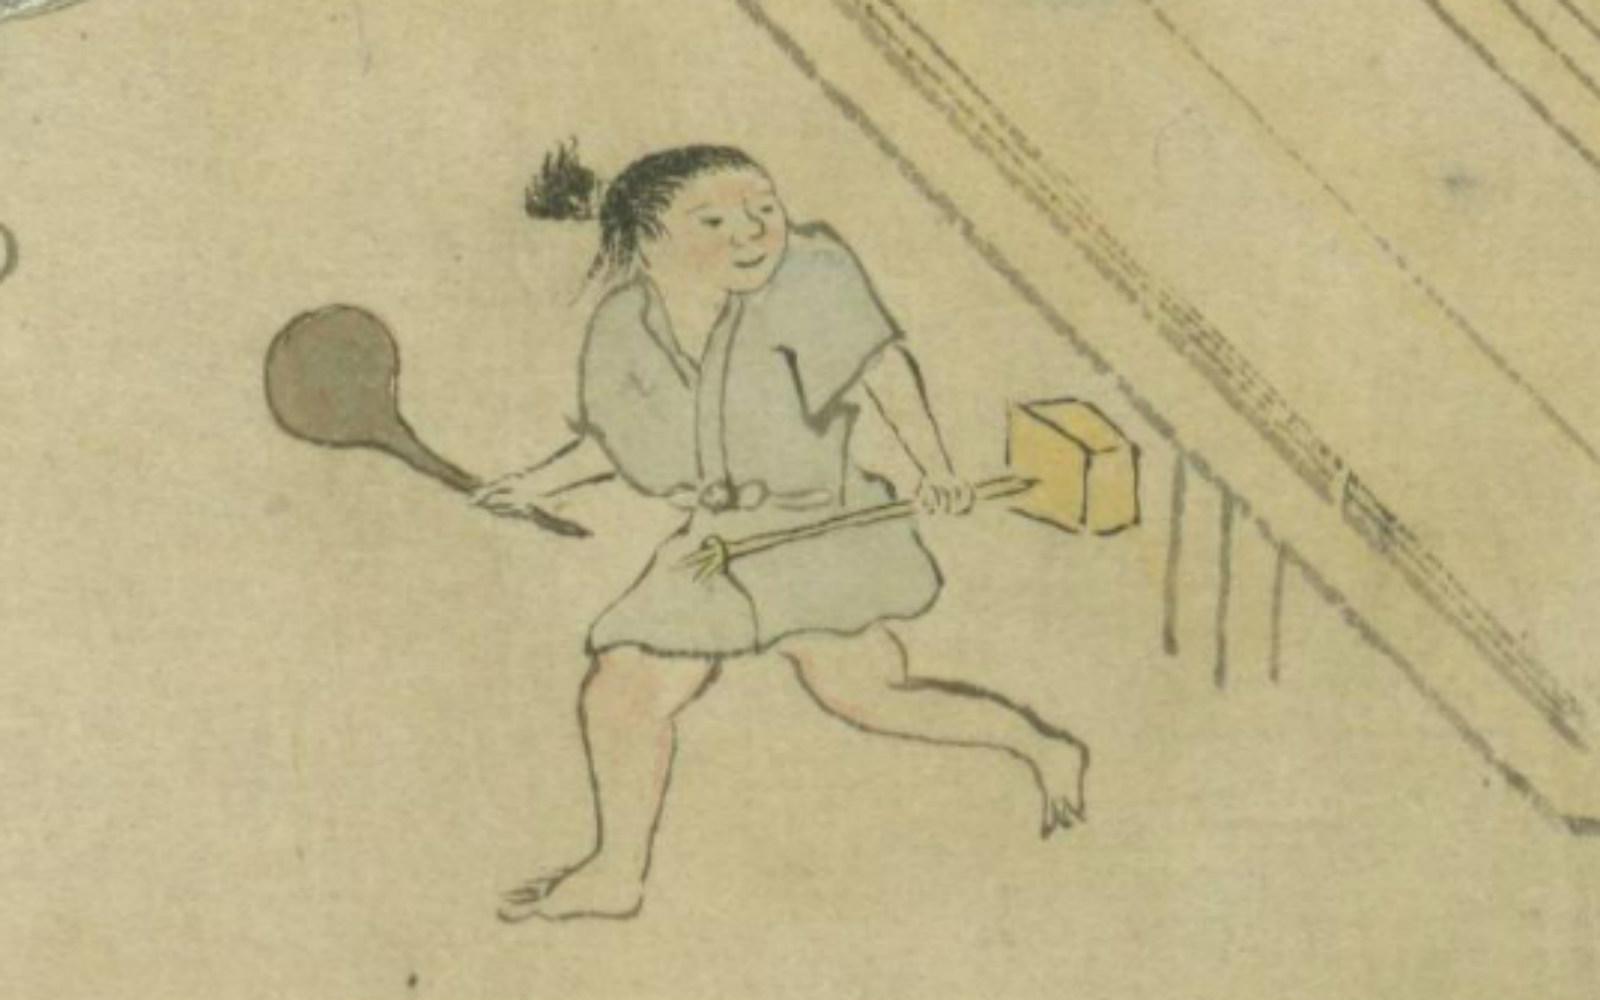 絵巻を巻き戻ると、ゴミ捨て場に向かう少年の手に、杓子のようなものが